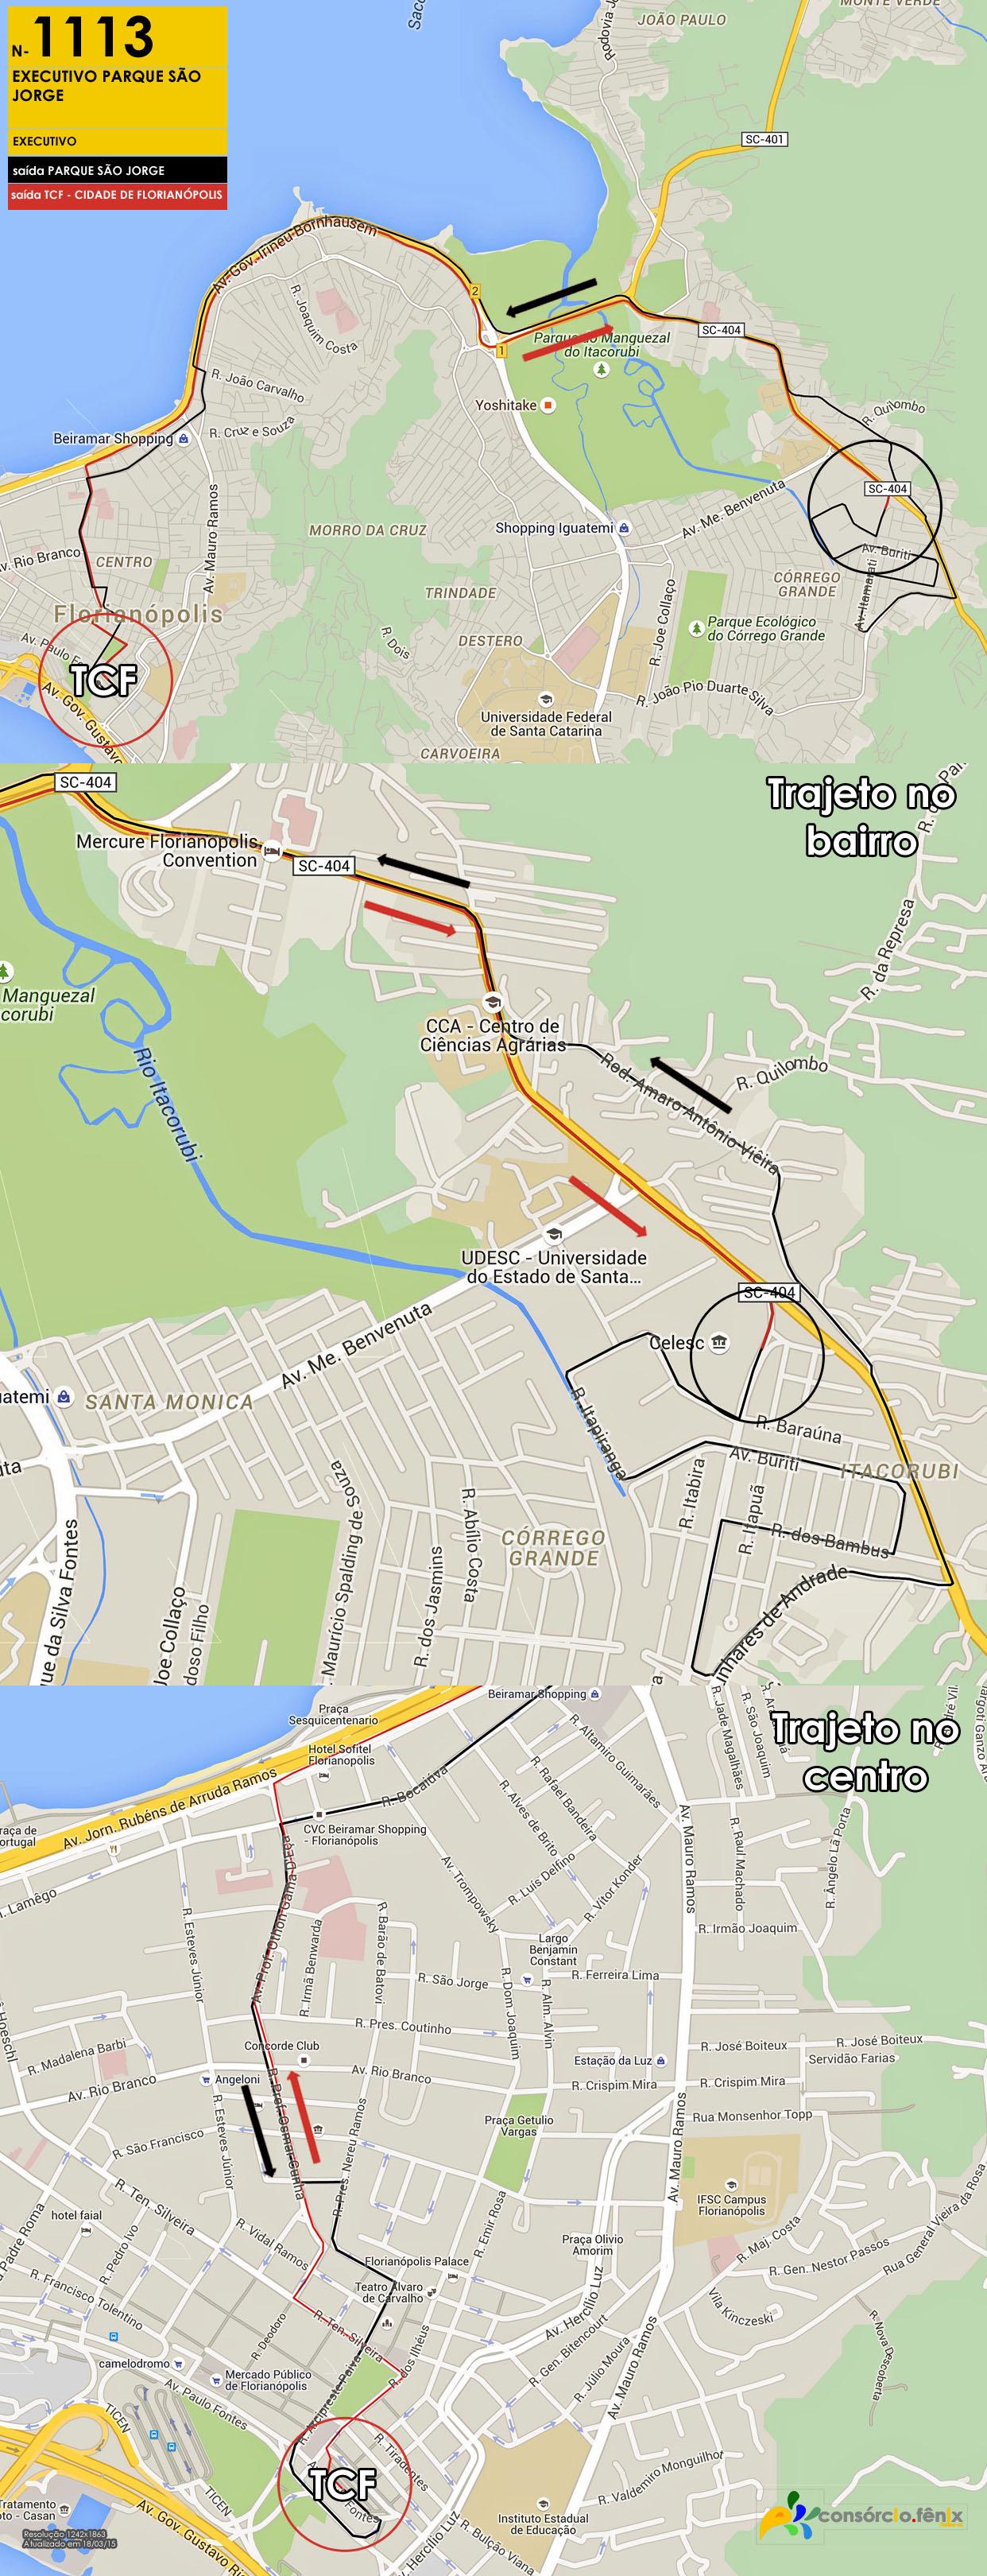 Horario de Onibus Executivo Parque São Jorge